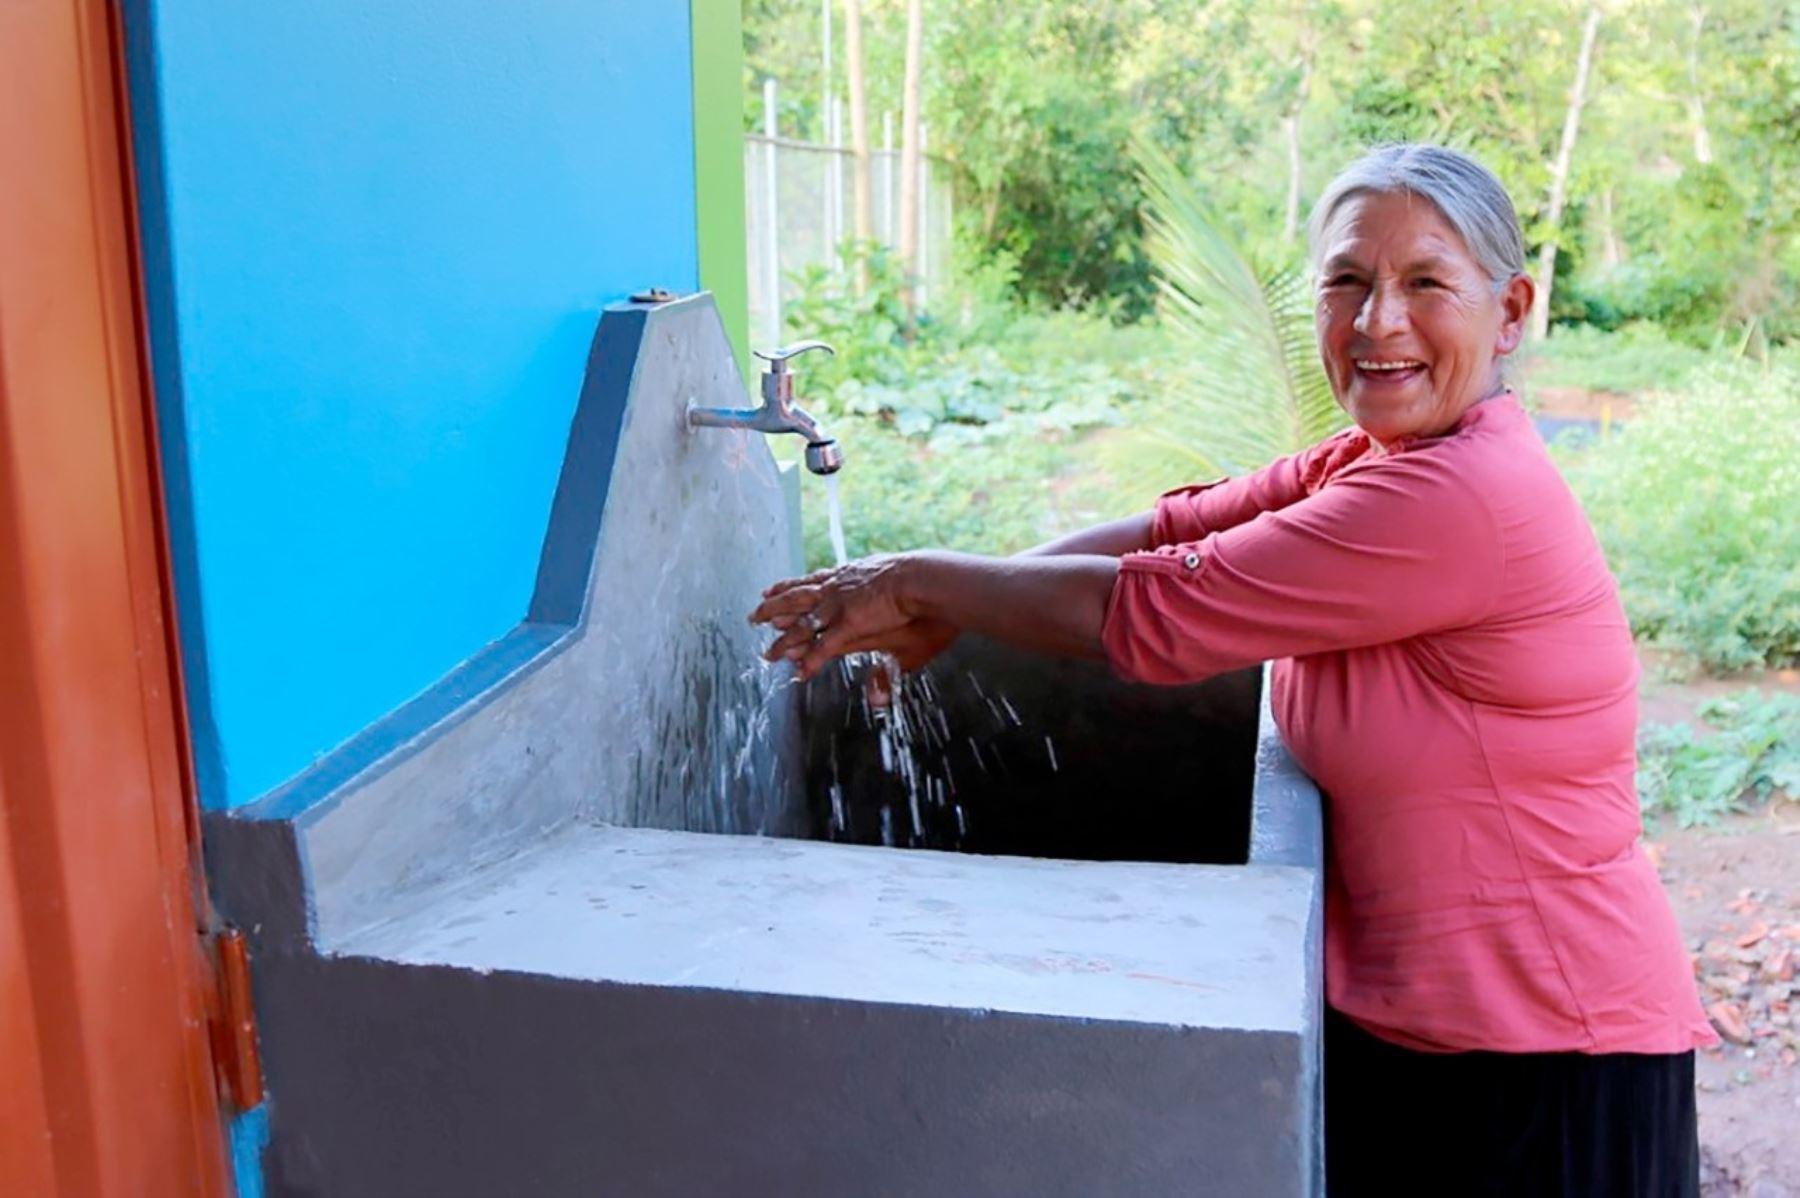 servicio-de-agua-potable-se-elevo-y-alcanzo-promedio-de-18-horas-diarias